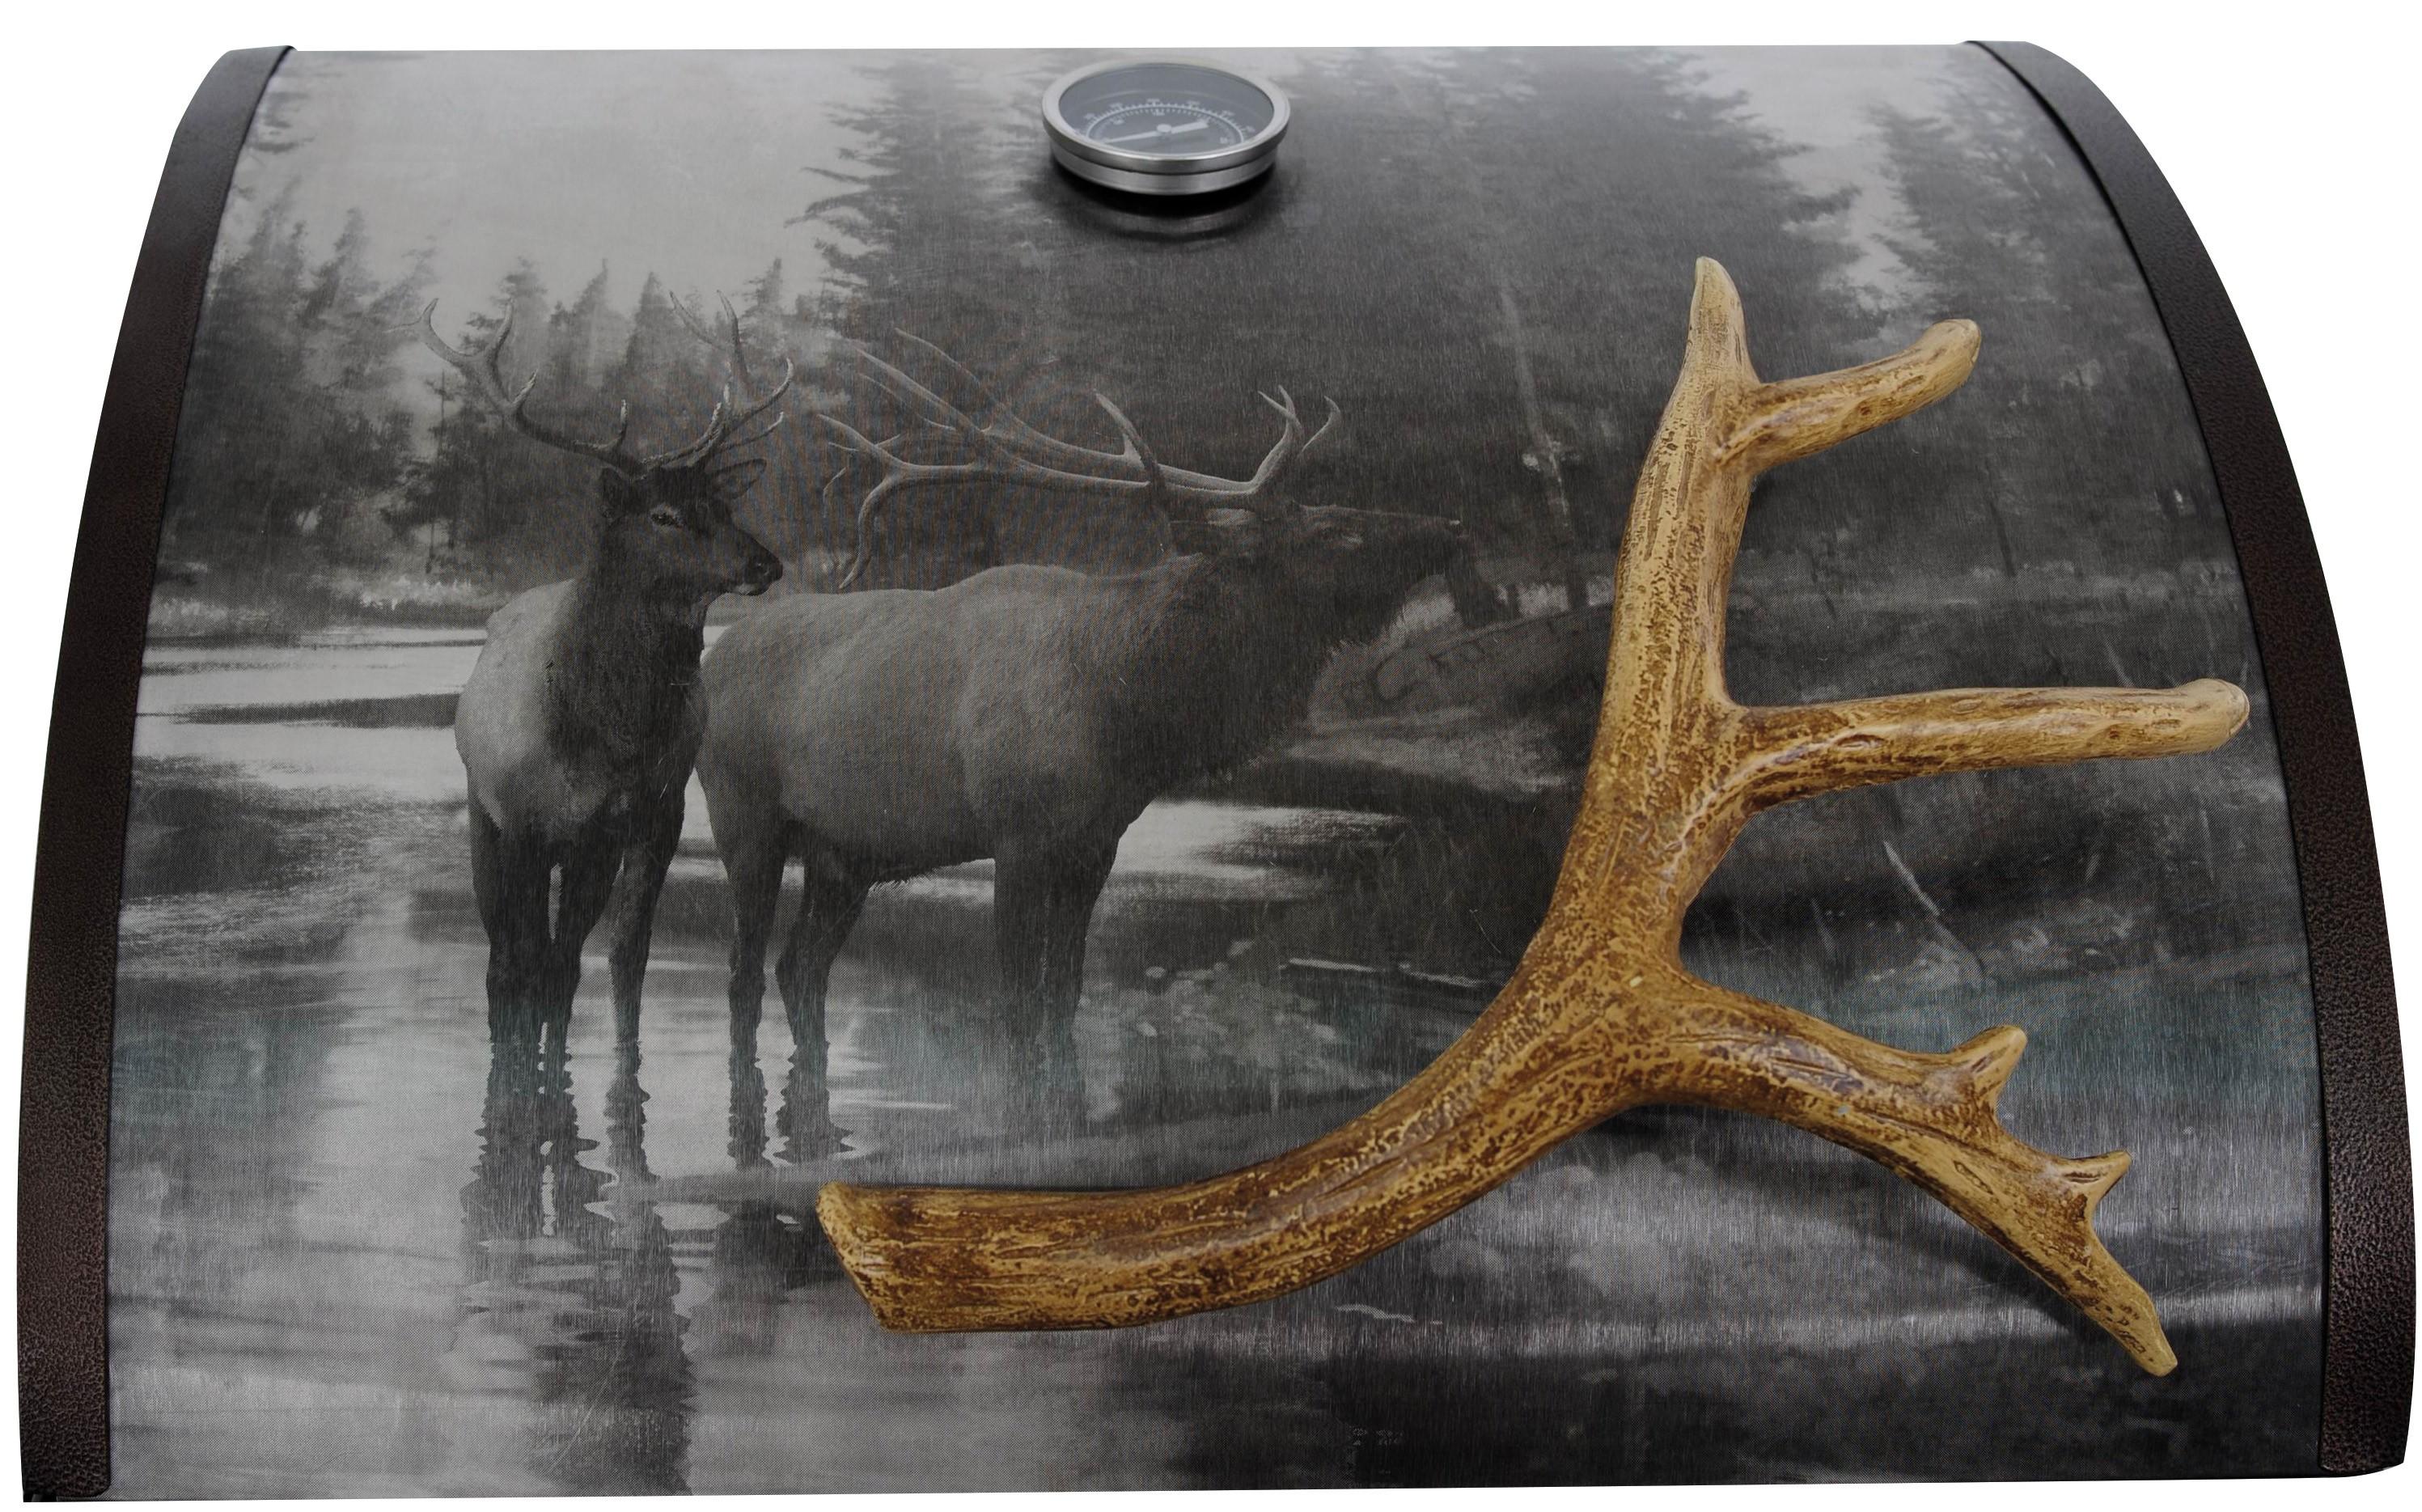 Tepro Gasgrill / Grillwagen Hunter Valley Naturmotiv Grillfl. 62x49cm Bild 3